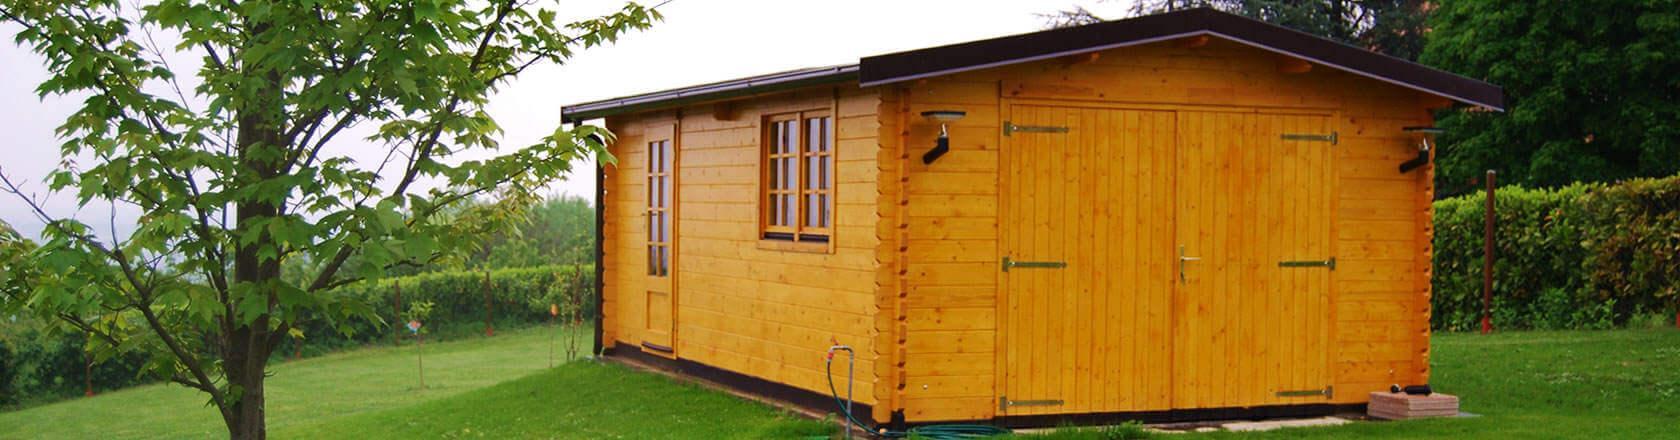 Casette in legno casette da giardino prefabbricati in legno for Casetta bambini usata